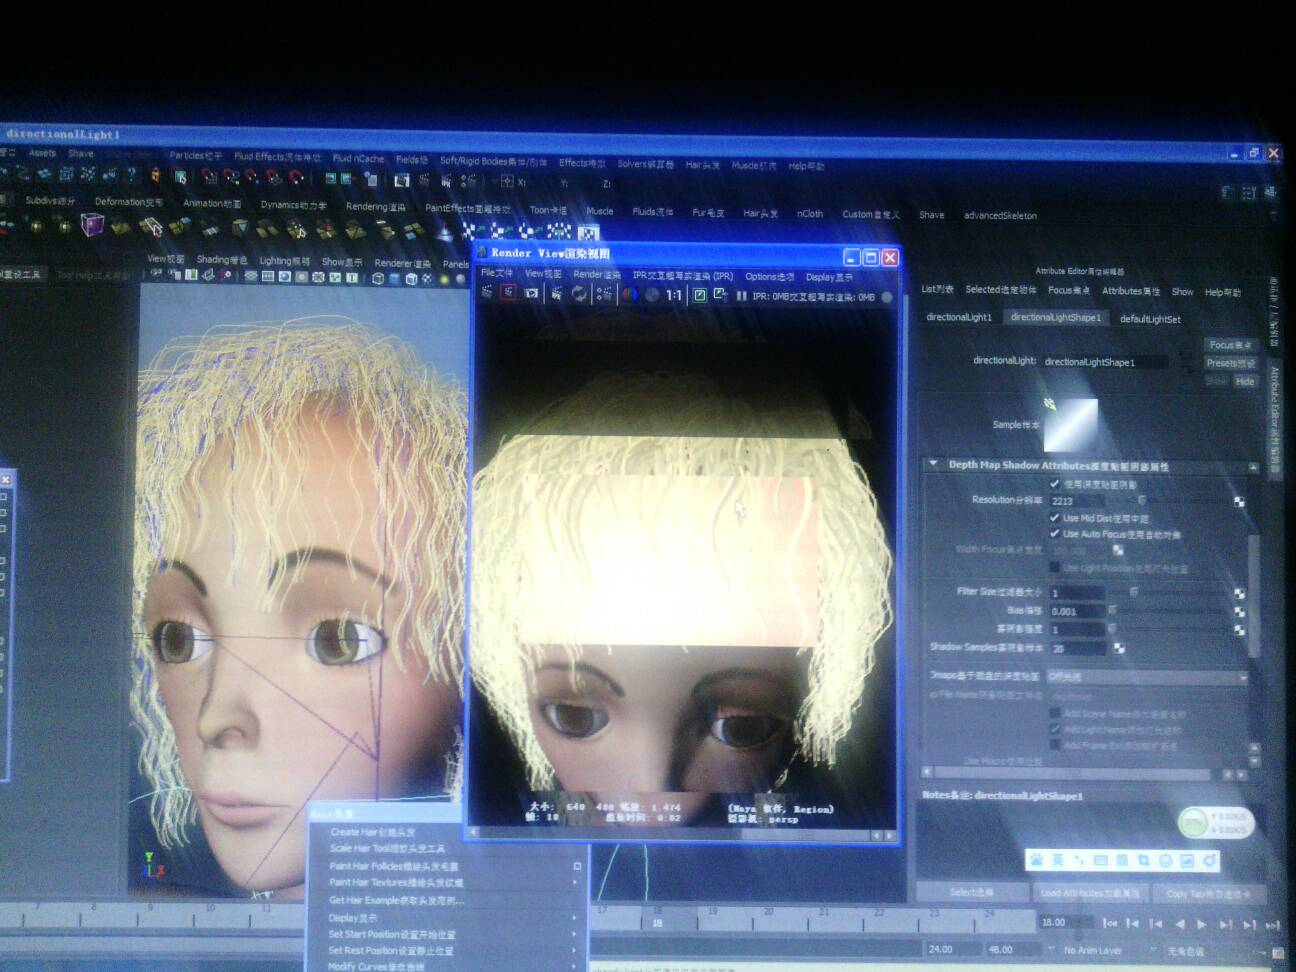 启深度贴图阴影.当我导入一个maya自带头发渲染就有阴影了,高清图片